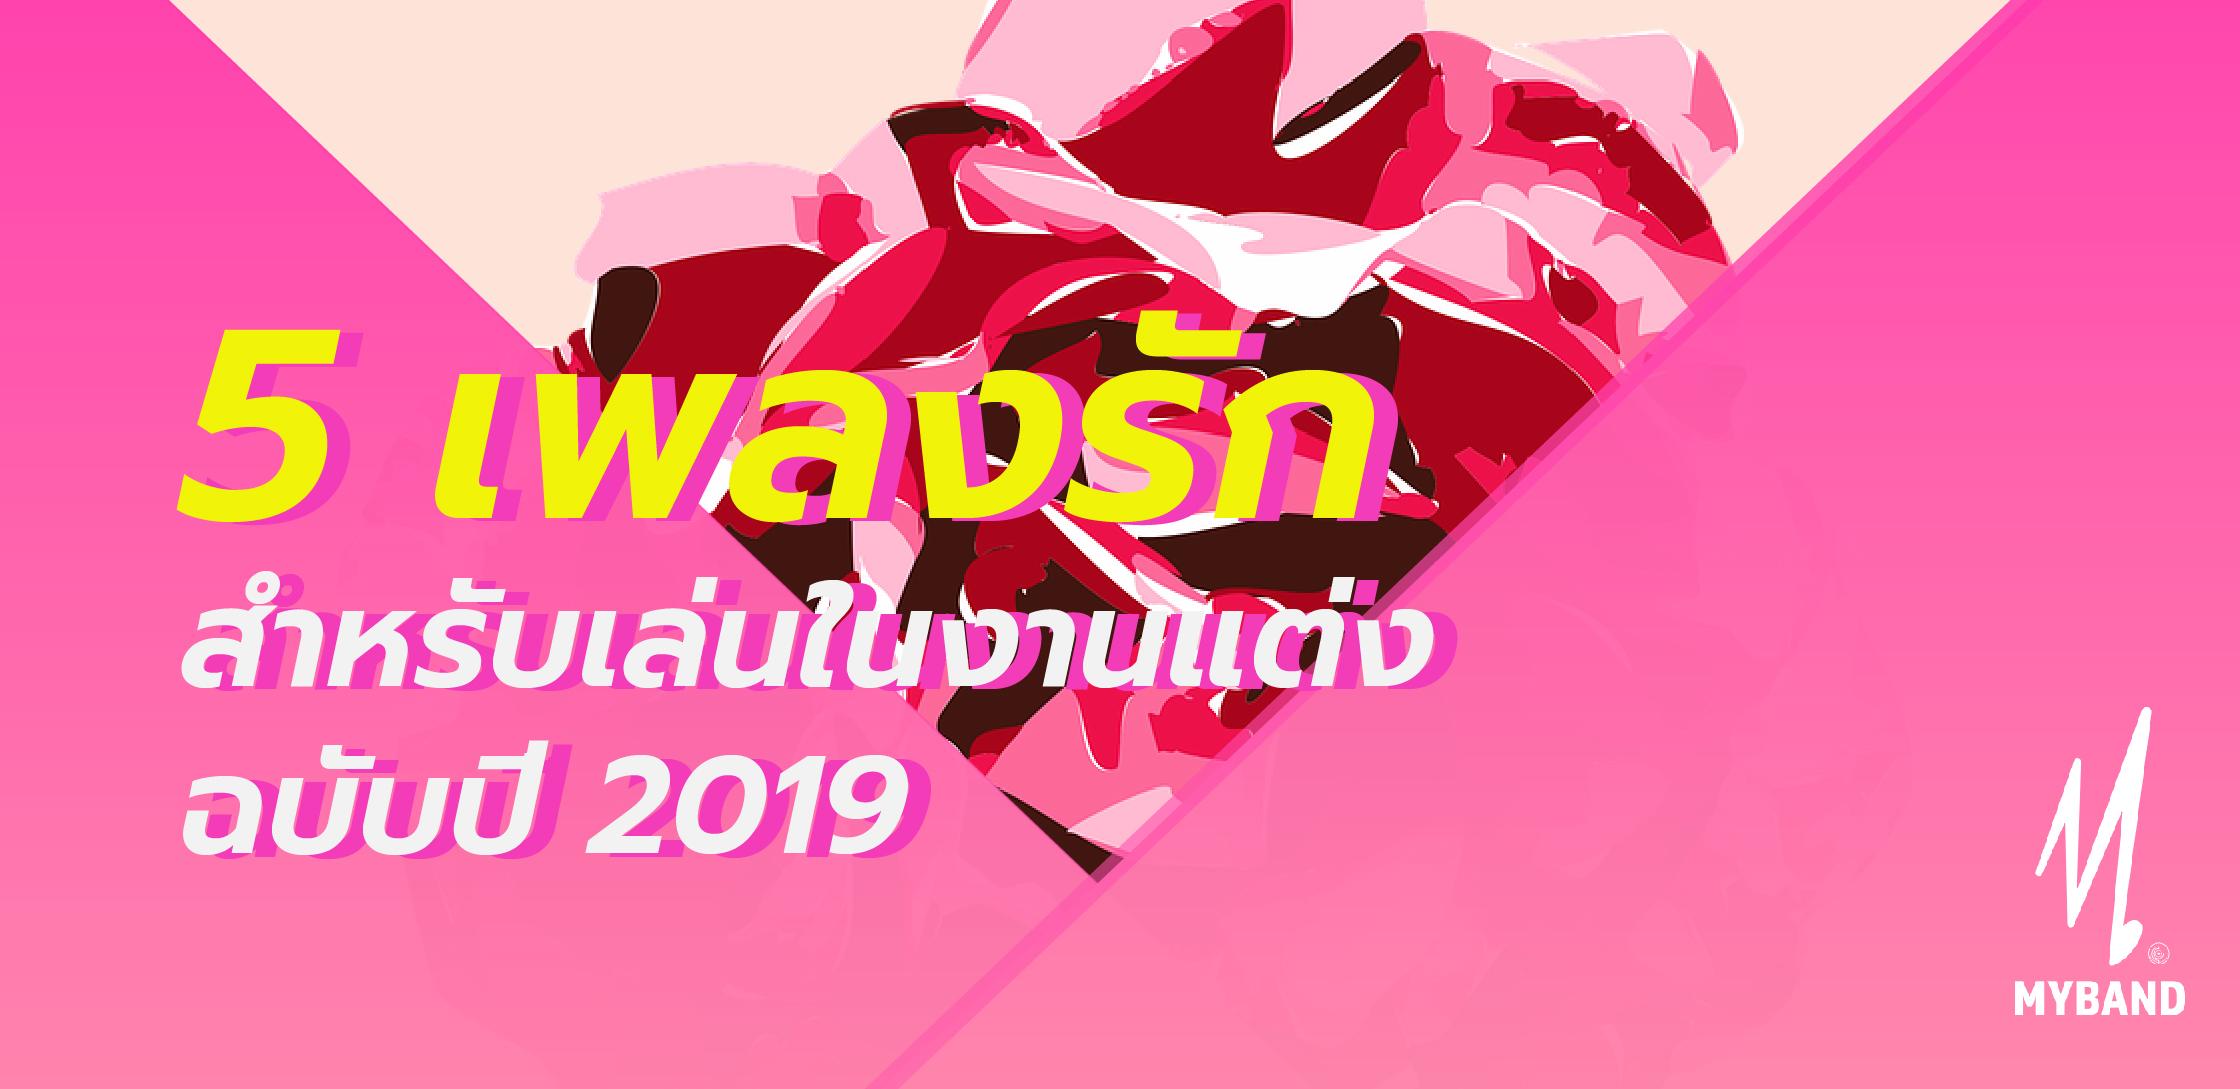 5 เพลงรักสำหรับเล่นในงานแต่ง ฉบับปี 2019